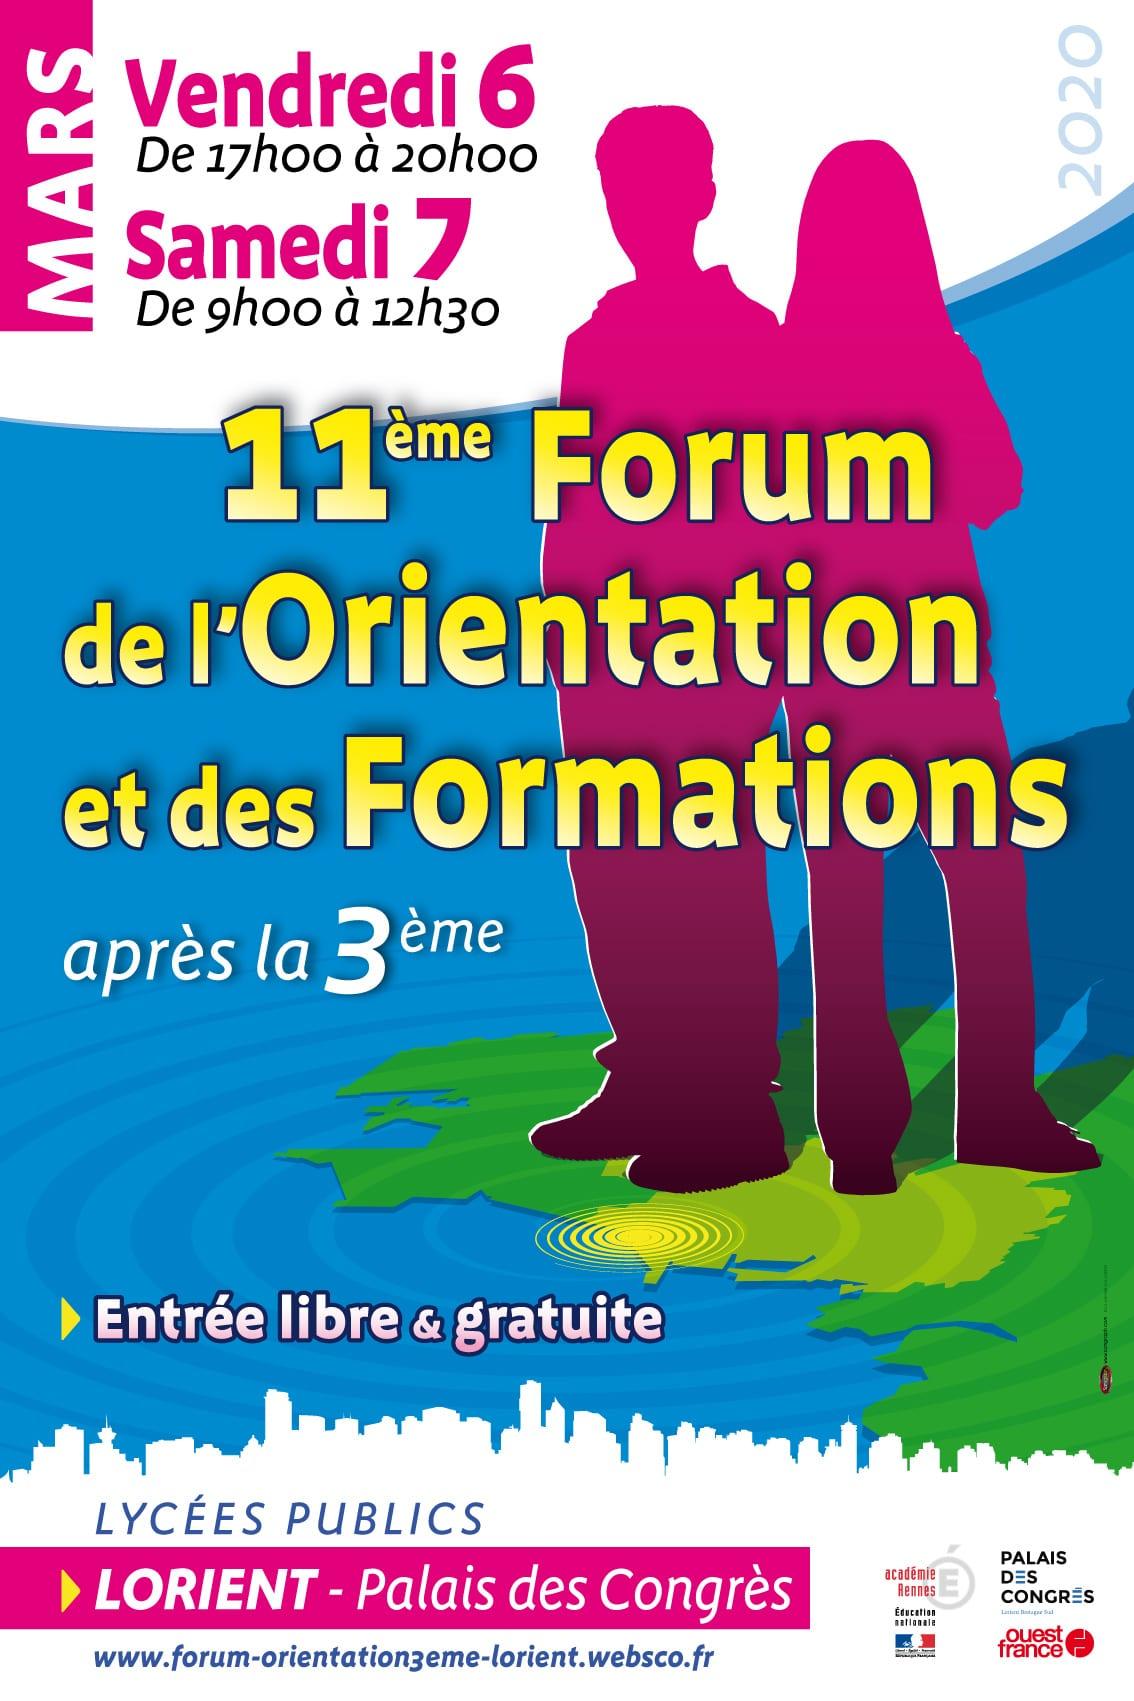 Forum Formations Palais des Congrès Lorient Orientation Etudiants